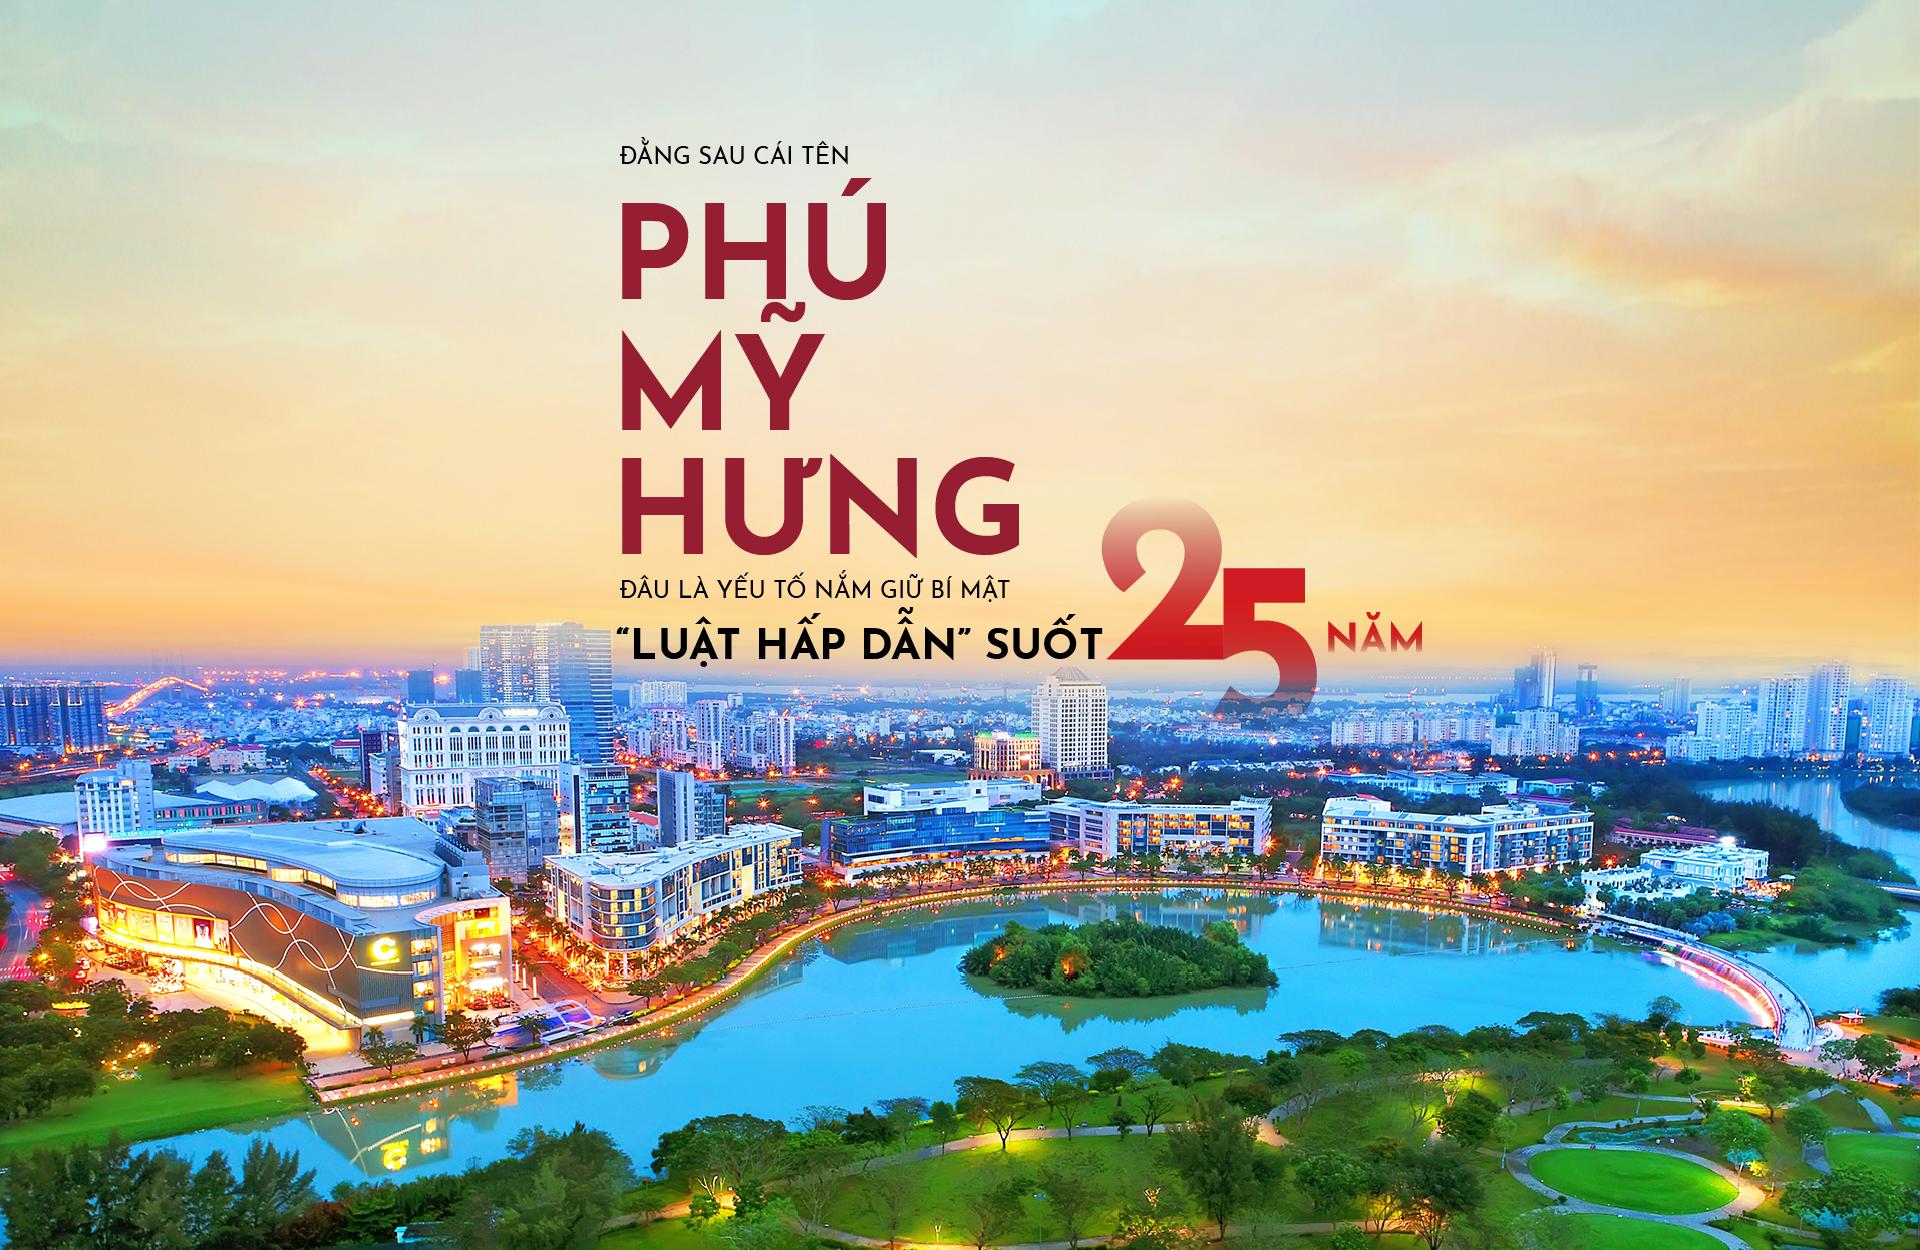 Những nơi người nước ngoài thích nhất tại Sài Gòn